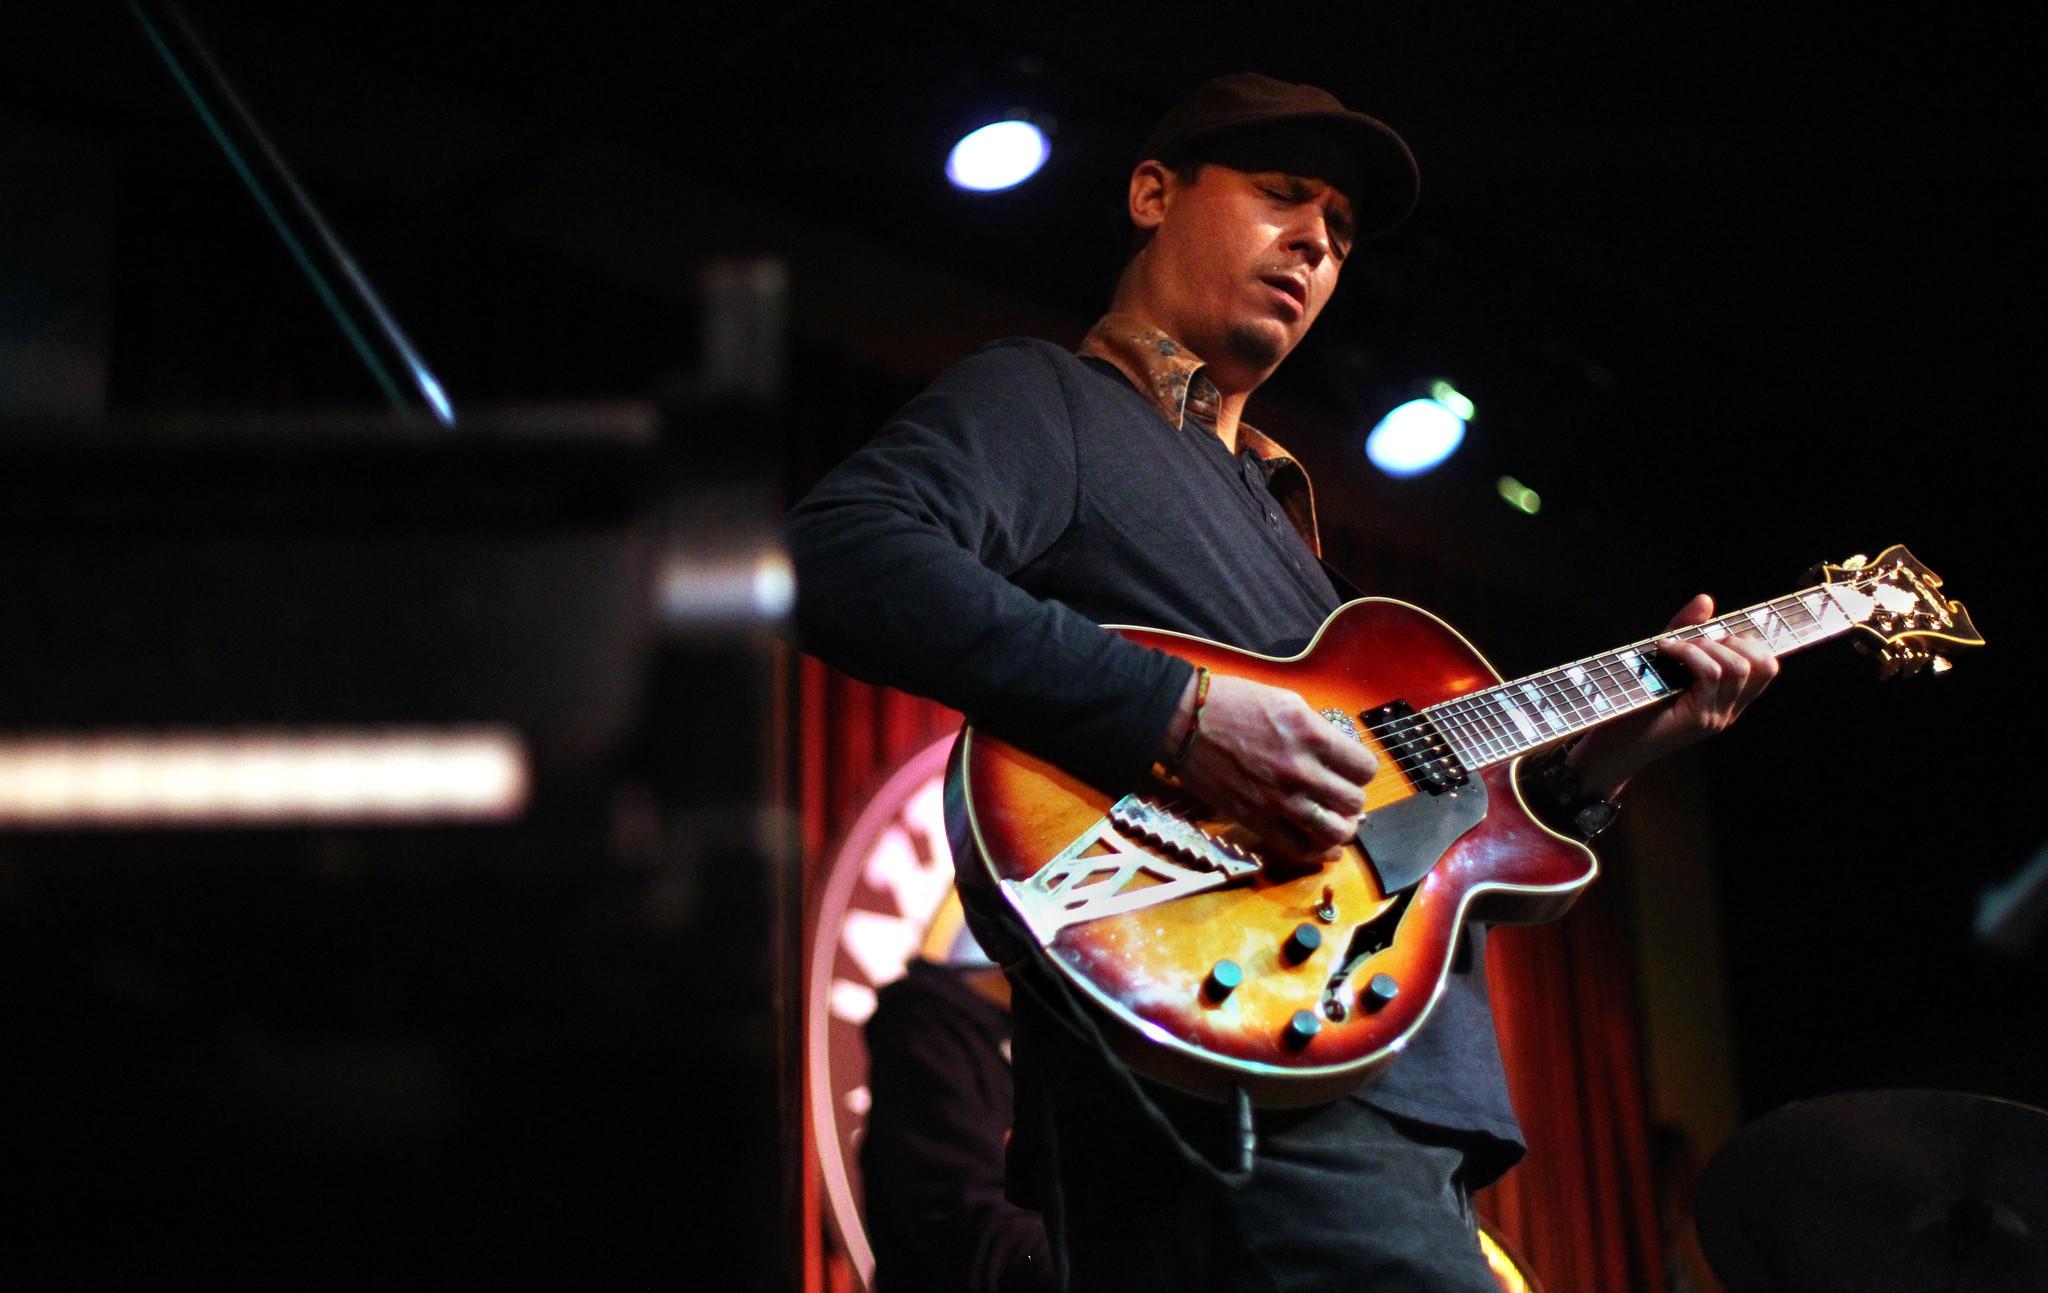 Jazz guitarist Kurt Rosenwinkel performs at Jazz Showcase.